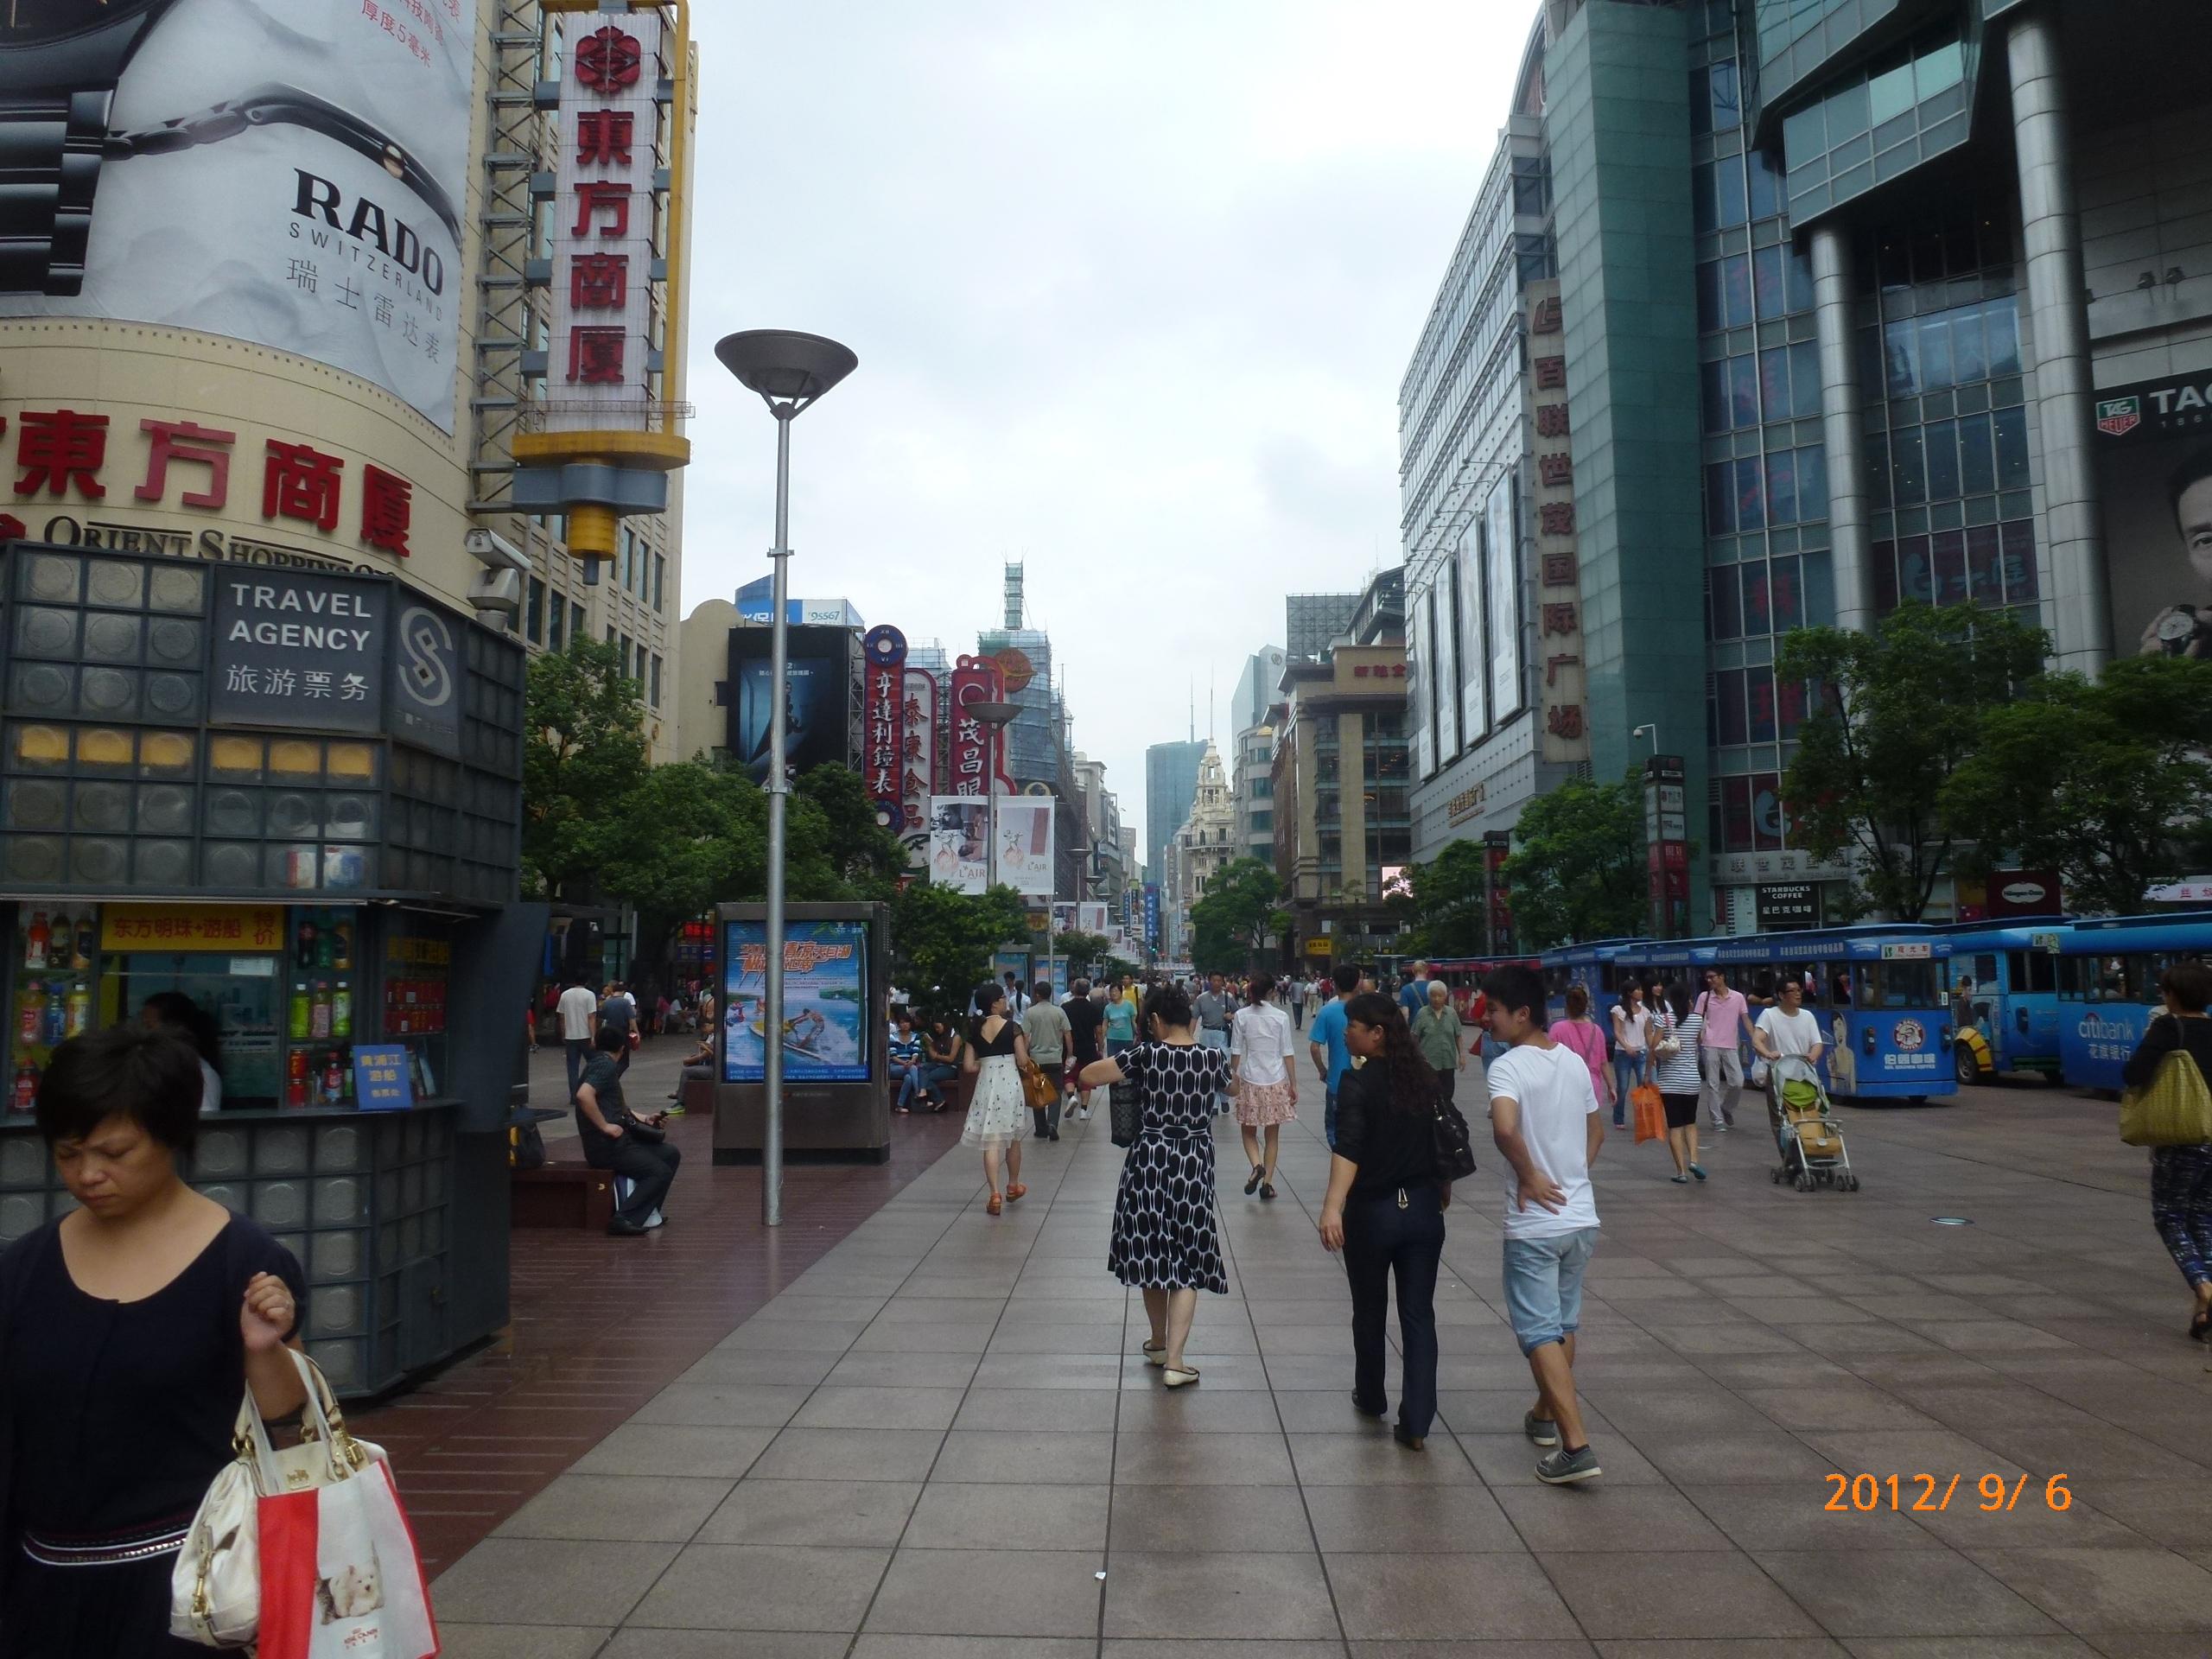 上海小資族 – 余老師英文作文教室